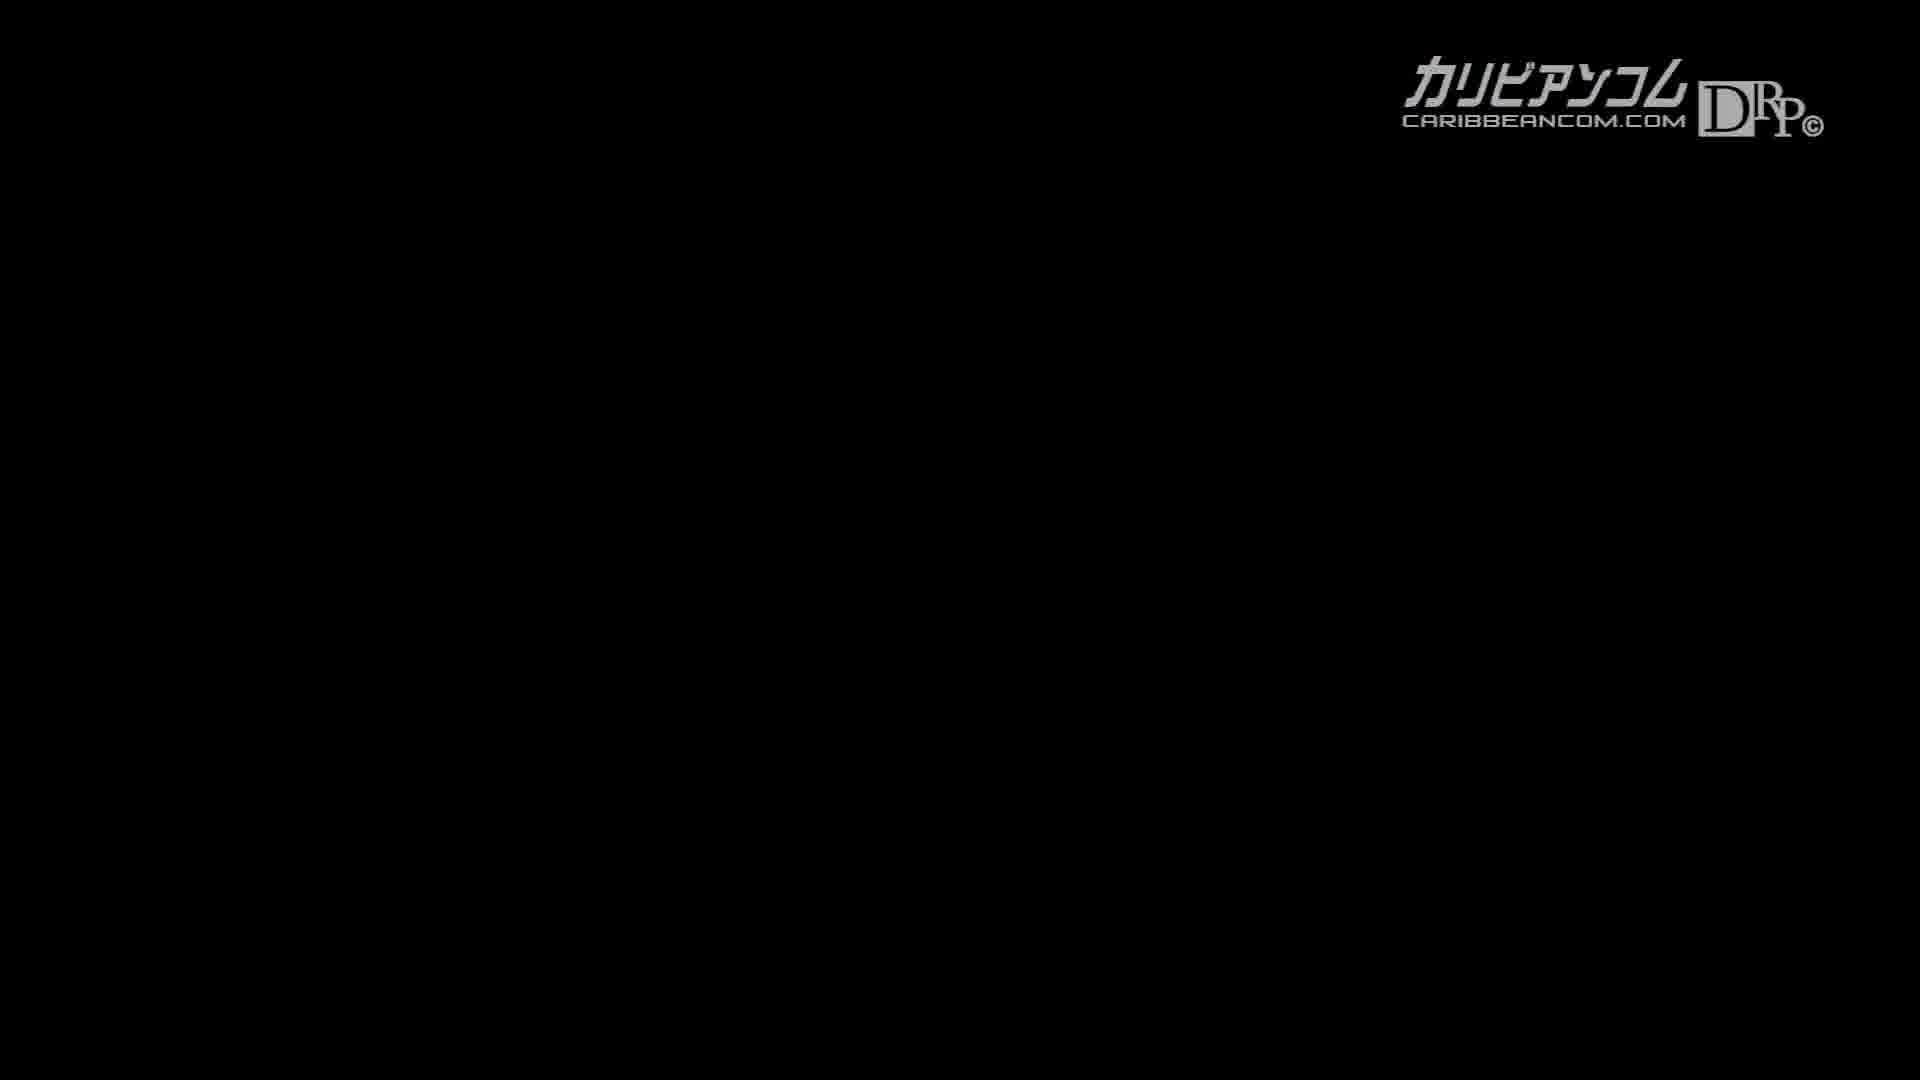 愛しのボインちゃん ~愛情パイズリ絶頂潮吹き~ - 立川理恵【痴女・潮吹き・パイズリ】